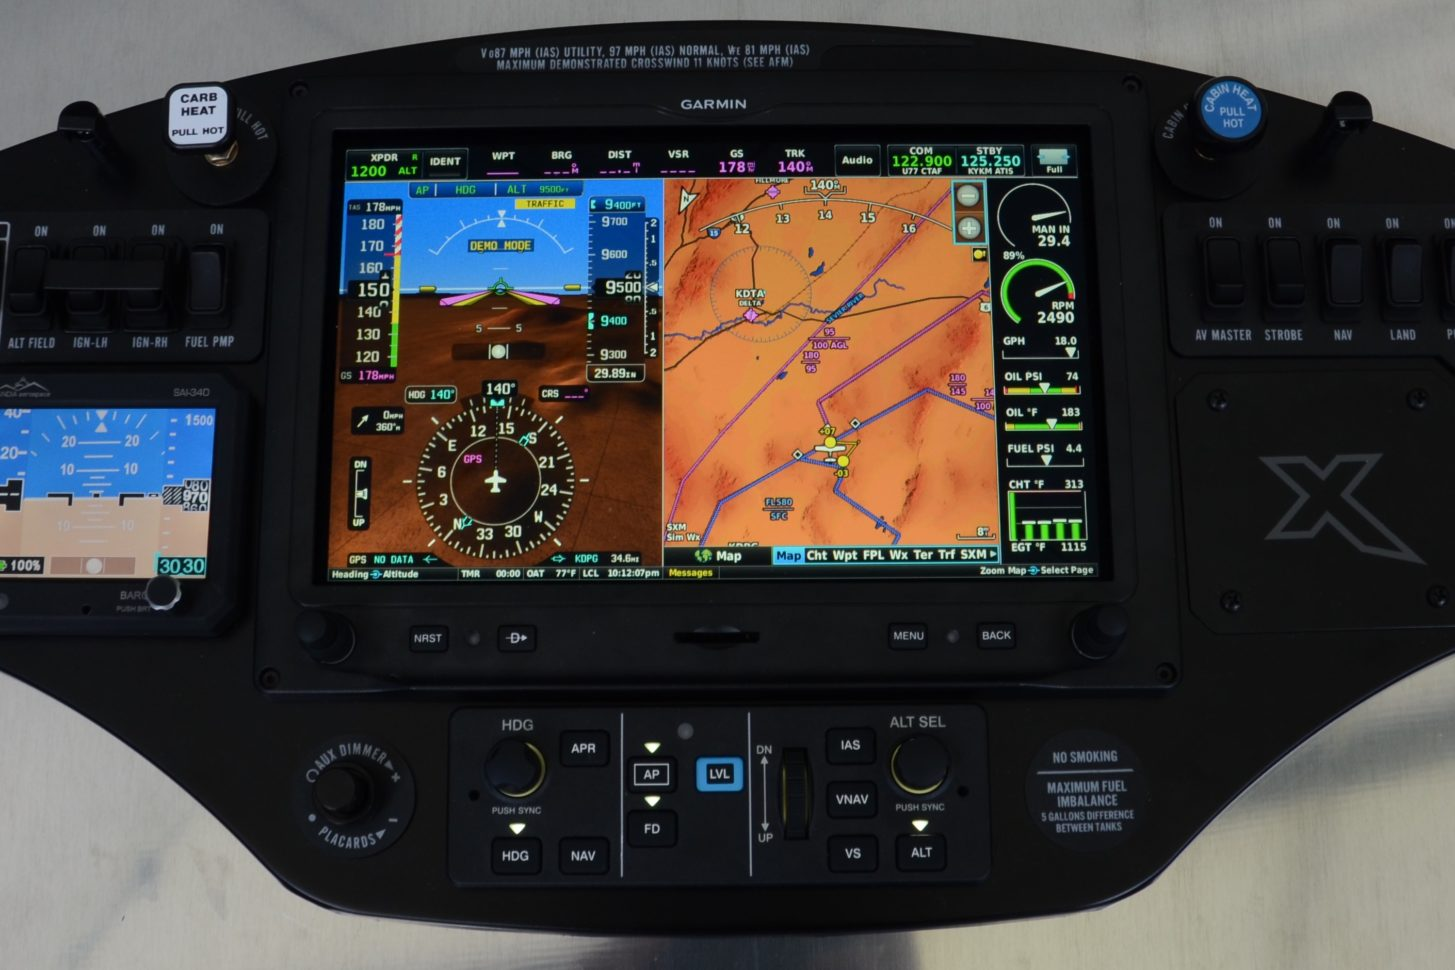 Das Panel der XCub mit dem Garmin G3X Touch